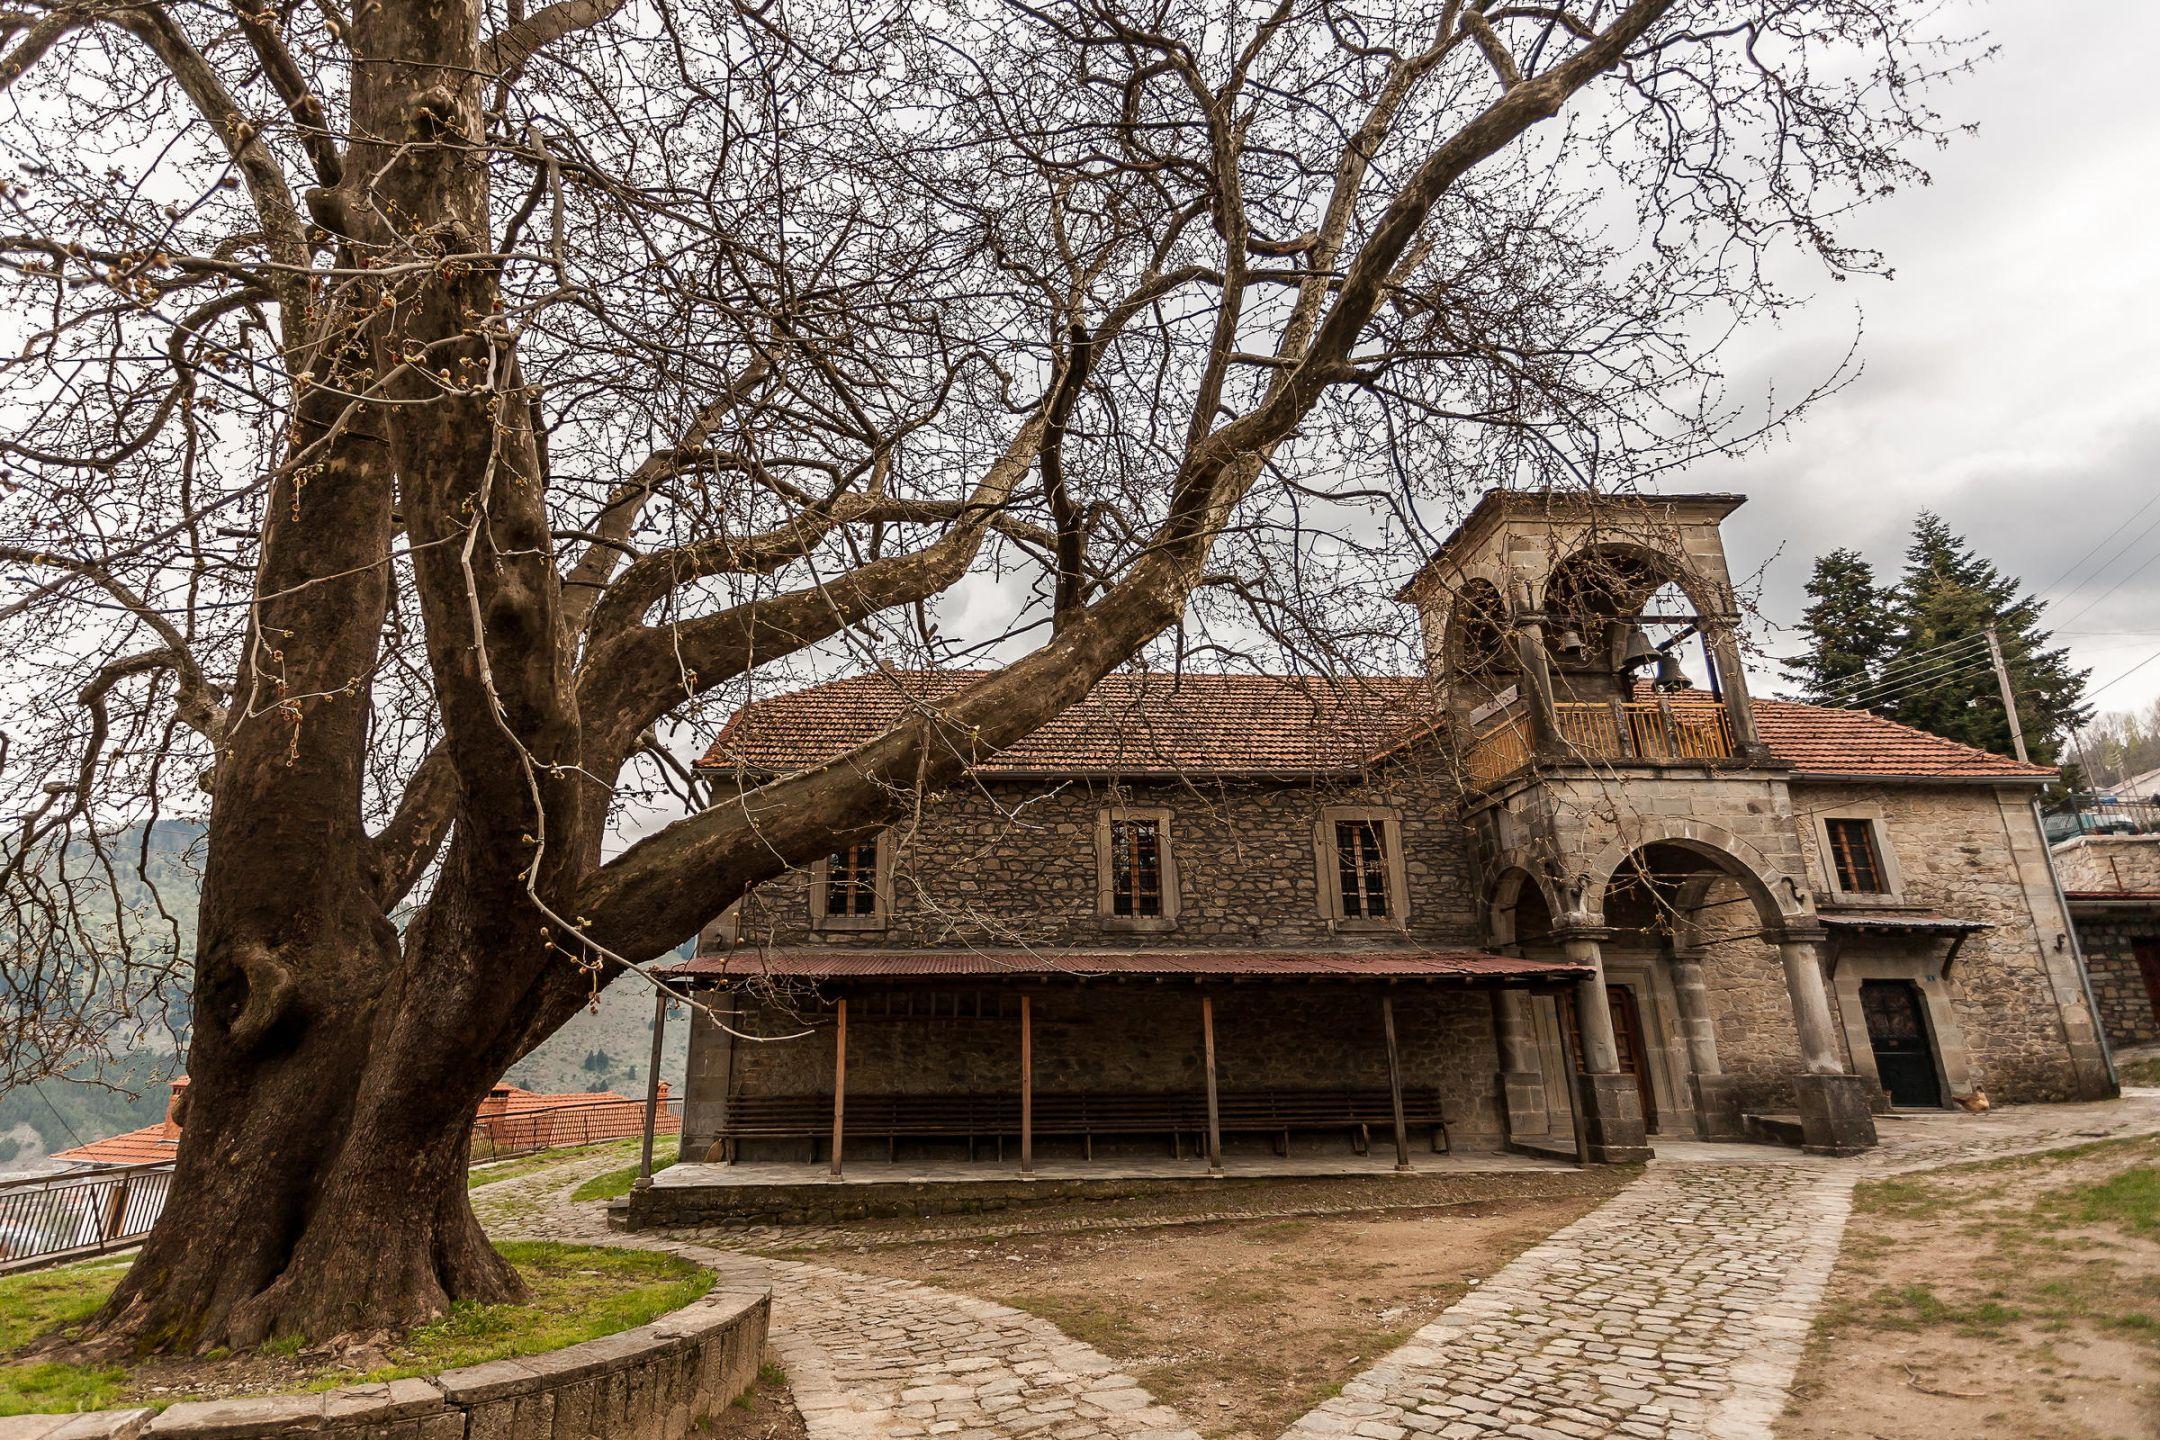 Τα Μετέωρα είναι ένα σύμπλεγμα γιγάντιων βράχων, πάνω από την πόλη της Καλαμπάκας, κοντά στα πρώτα υψώματα της Πίνδου και των Χασίων. Τα βυζαντινά μοναστήρια των Μετεώρων, τα οποία είναι χτισμένα στις κορυφές των βράχων, από το 1988 περιλαμβάνονται στα μνημεία παγκόσμιας κληρονομιάς της UNESCO. Το Μέτσοβο είναι ένας παραδοσιακός οικισμός, βρίσκεται στο ανατολικό άκρο του νομού Ιωαννίνων, ανάμεσα στα βουνά της μεγαλύτερης οροσειράς της Ελλάδος, της Πίνδου, και αποτελεί ένα κλασσικό τουριστικό προορισμό. Πνιγμένη στην καταπράσινη βλάστηση του Κόζιακα, με άρτια τουριστική υποδομή και σε μικρή απόσταση από τα Τρίκαλα, η Ελάτη αποτελεί έναν από τους πιο δημοφιλείς τουριστικούς προορισμούς της Κεντρικής Ελλάδας.